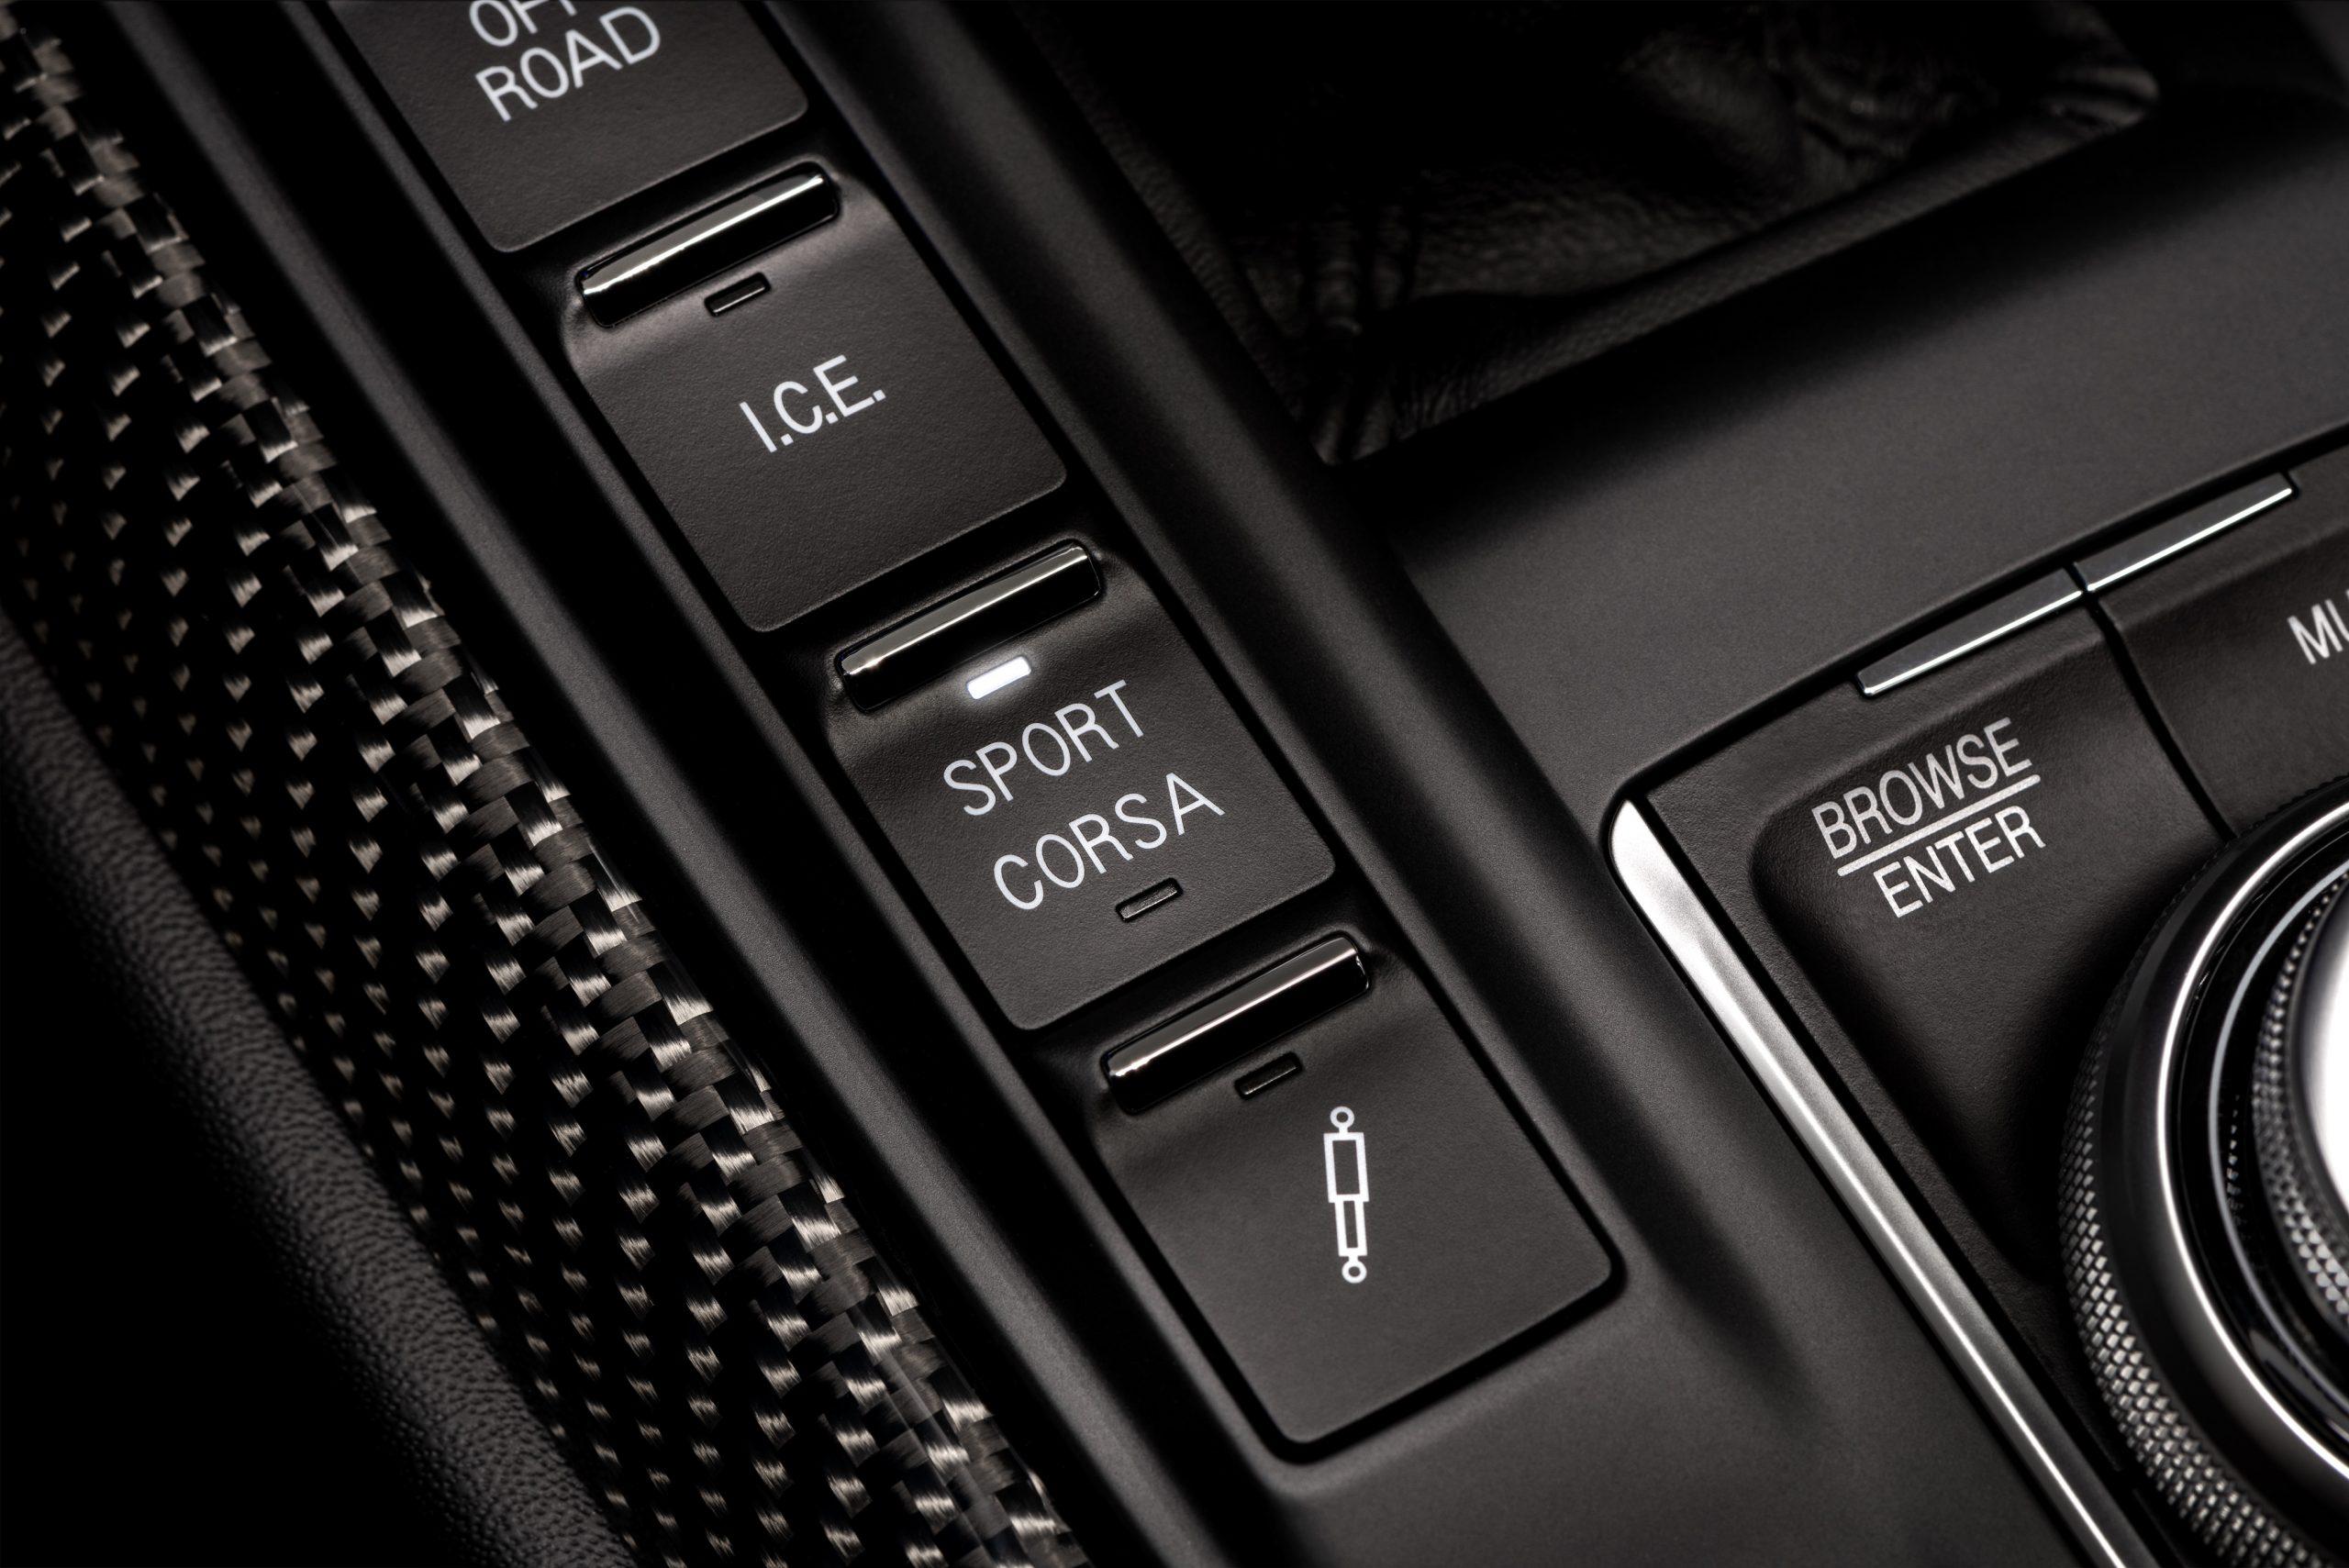 The Corsa button facilitates a sportier driving experience